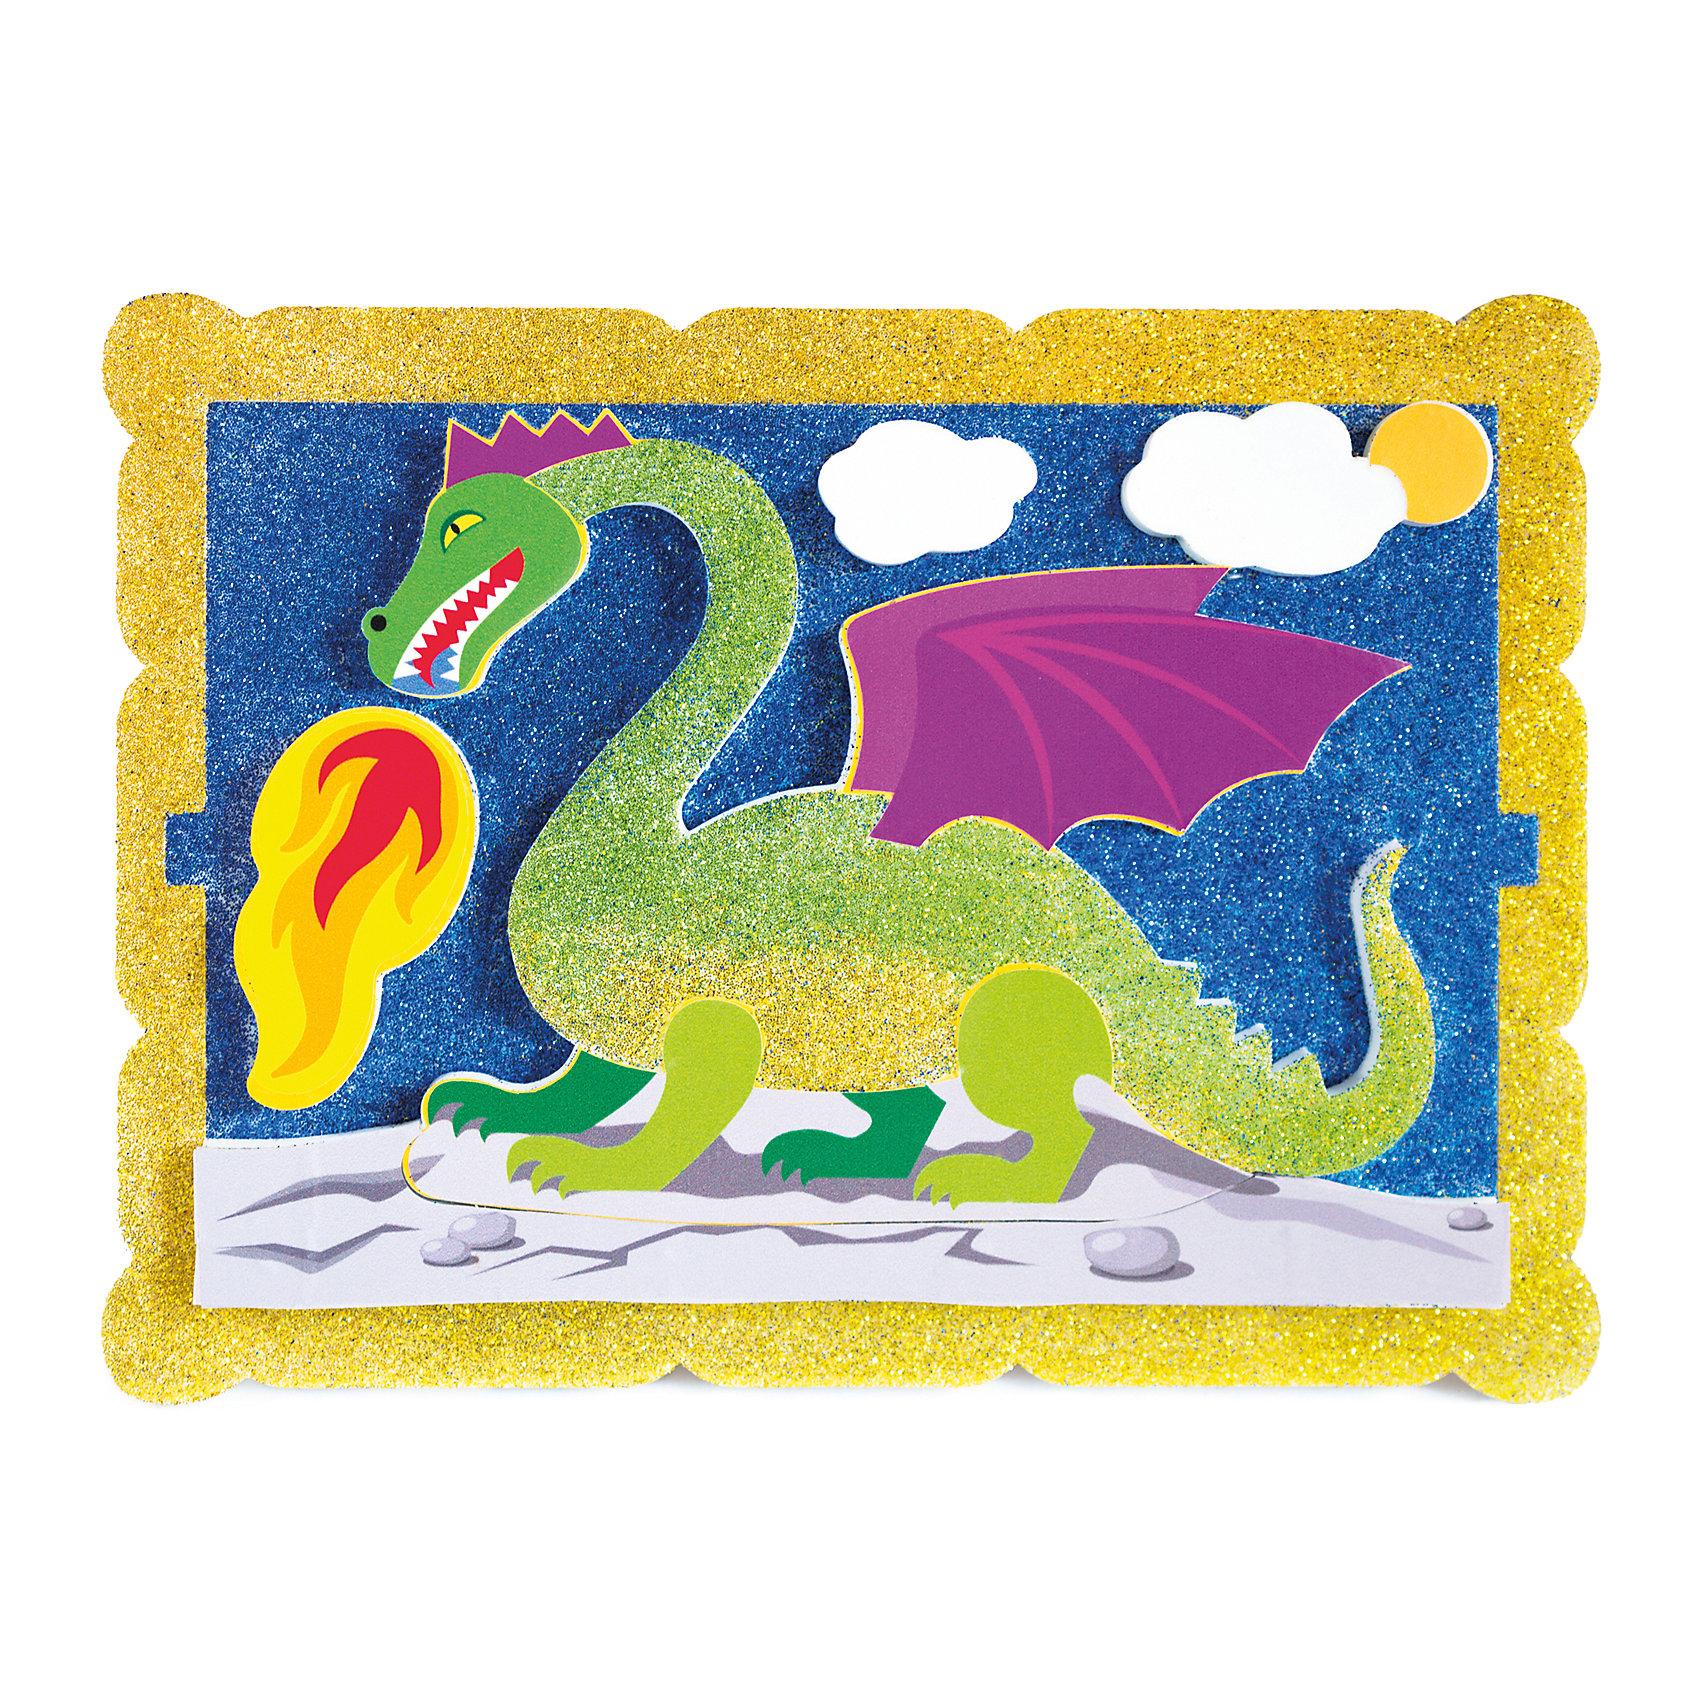 Набор для творчества Волшебный дракон PicnMixНабор для творчества Волшебный дракон -это объёмная красочная картина-аппликация, которая помогает тренировать зрительную память координацию движений и способствует развитию мелкой мотрики рук.<br><br>Ширина мм: 21<br>Глубина мм: 16<br>Высота мм: 5<br>Вес г: 140<br>Возраст от месяцев: 36<br>Возраст до месяцев: 120<br>Пол: Унисекс<br>Возраст: Детский<br>SKU: 5007393